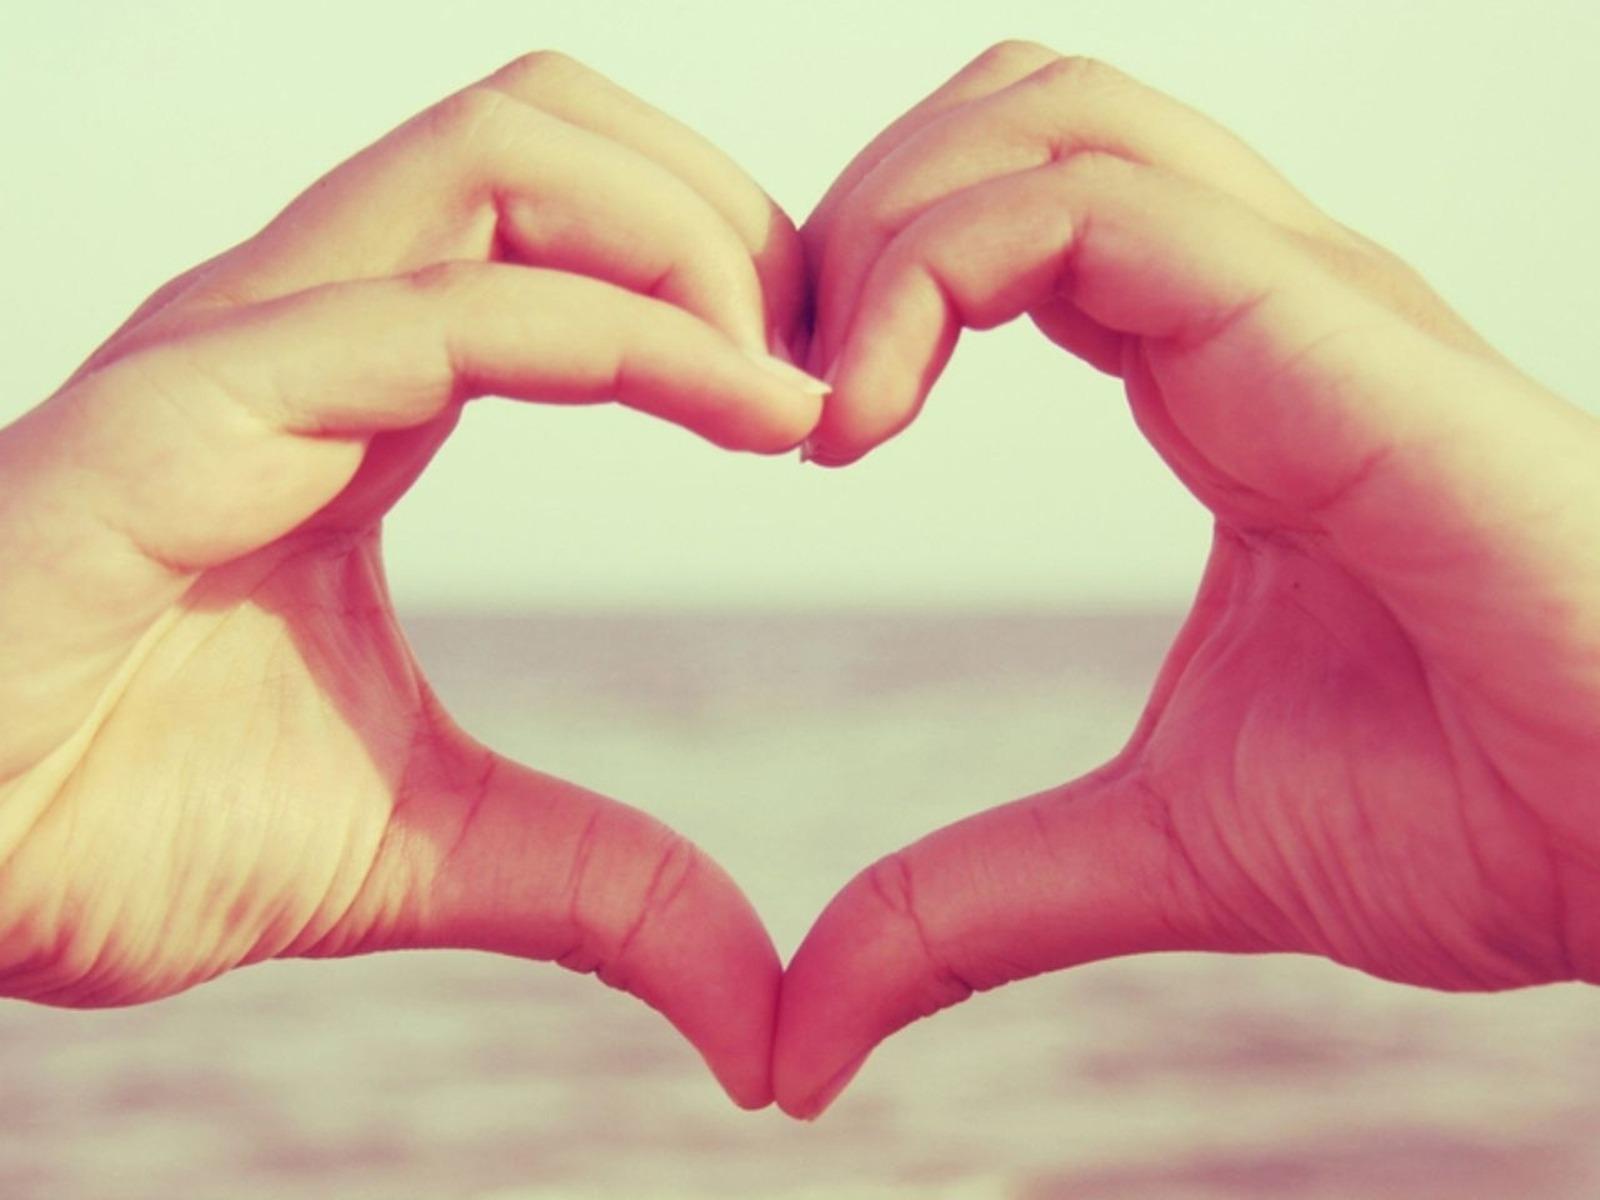 Макро, любовь, сердце, love, чувство, руки, 1600x1200